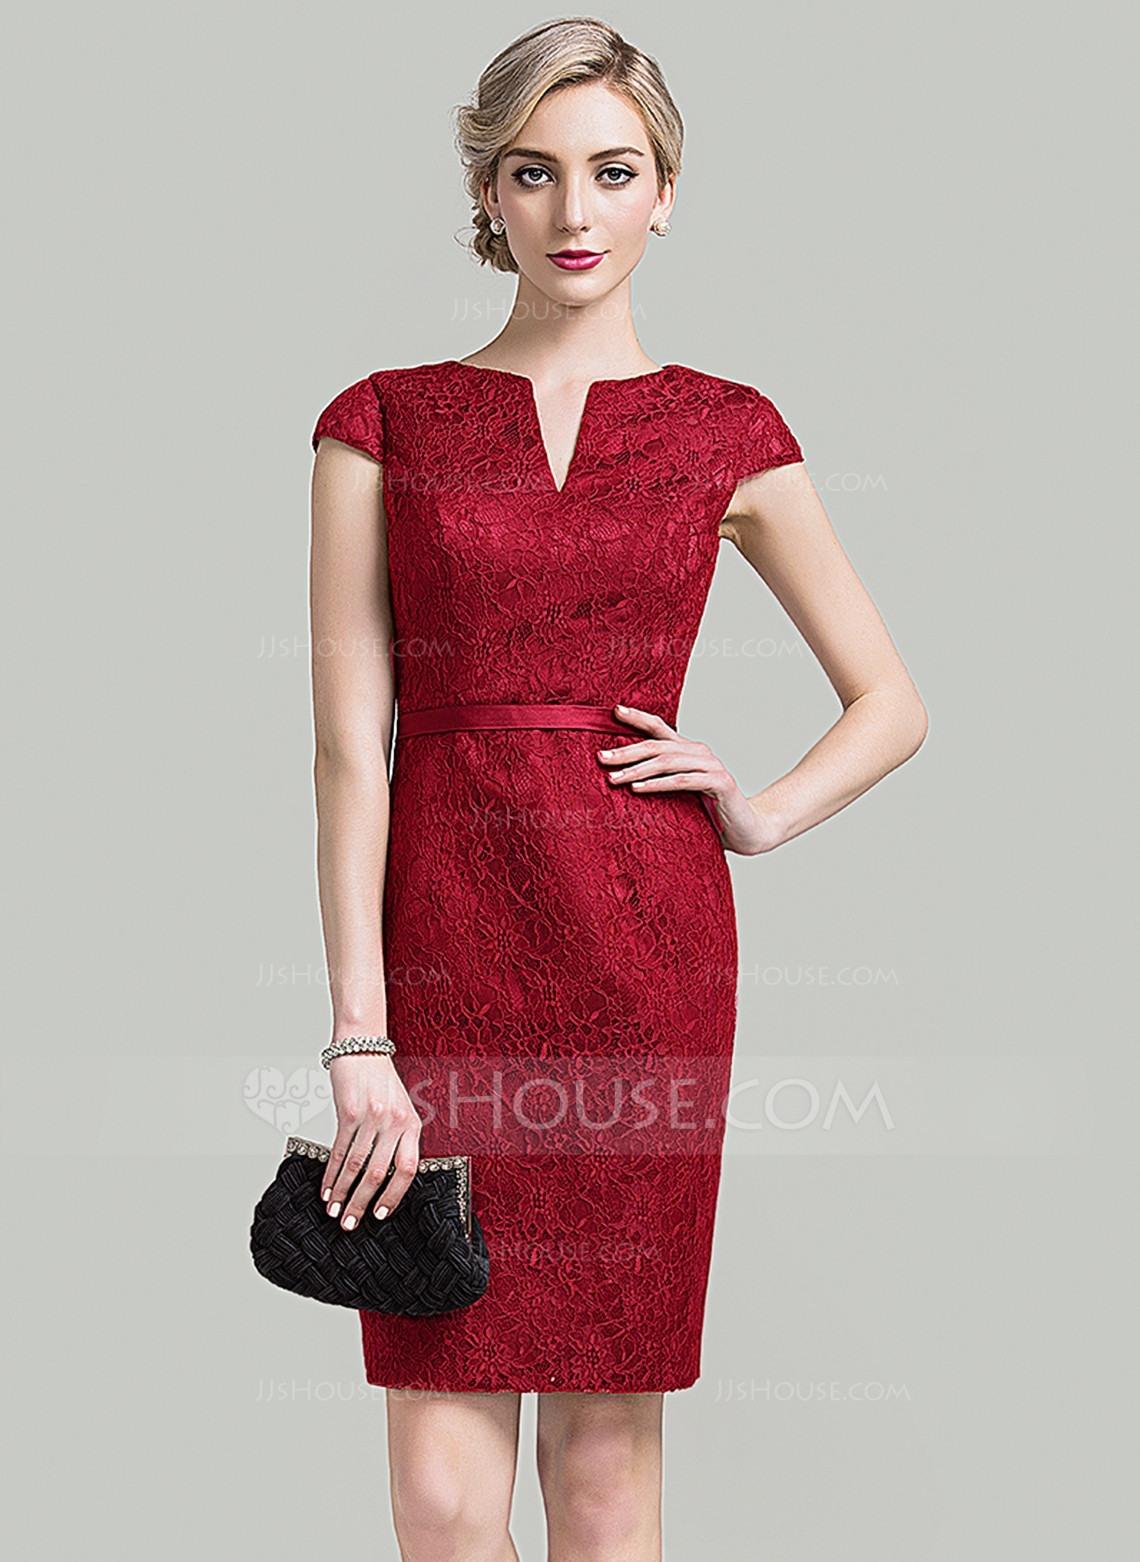 13 Großartig Festliche Kleider Für Brautmutter Spezialgebiet20 Top Festliche Kleider Für Brautmutter Stylish